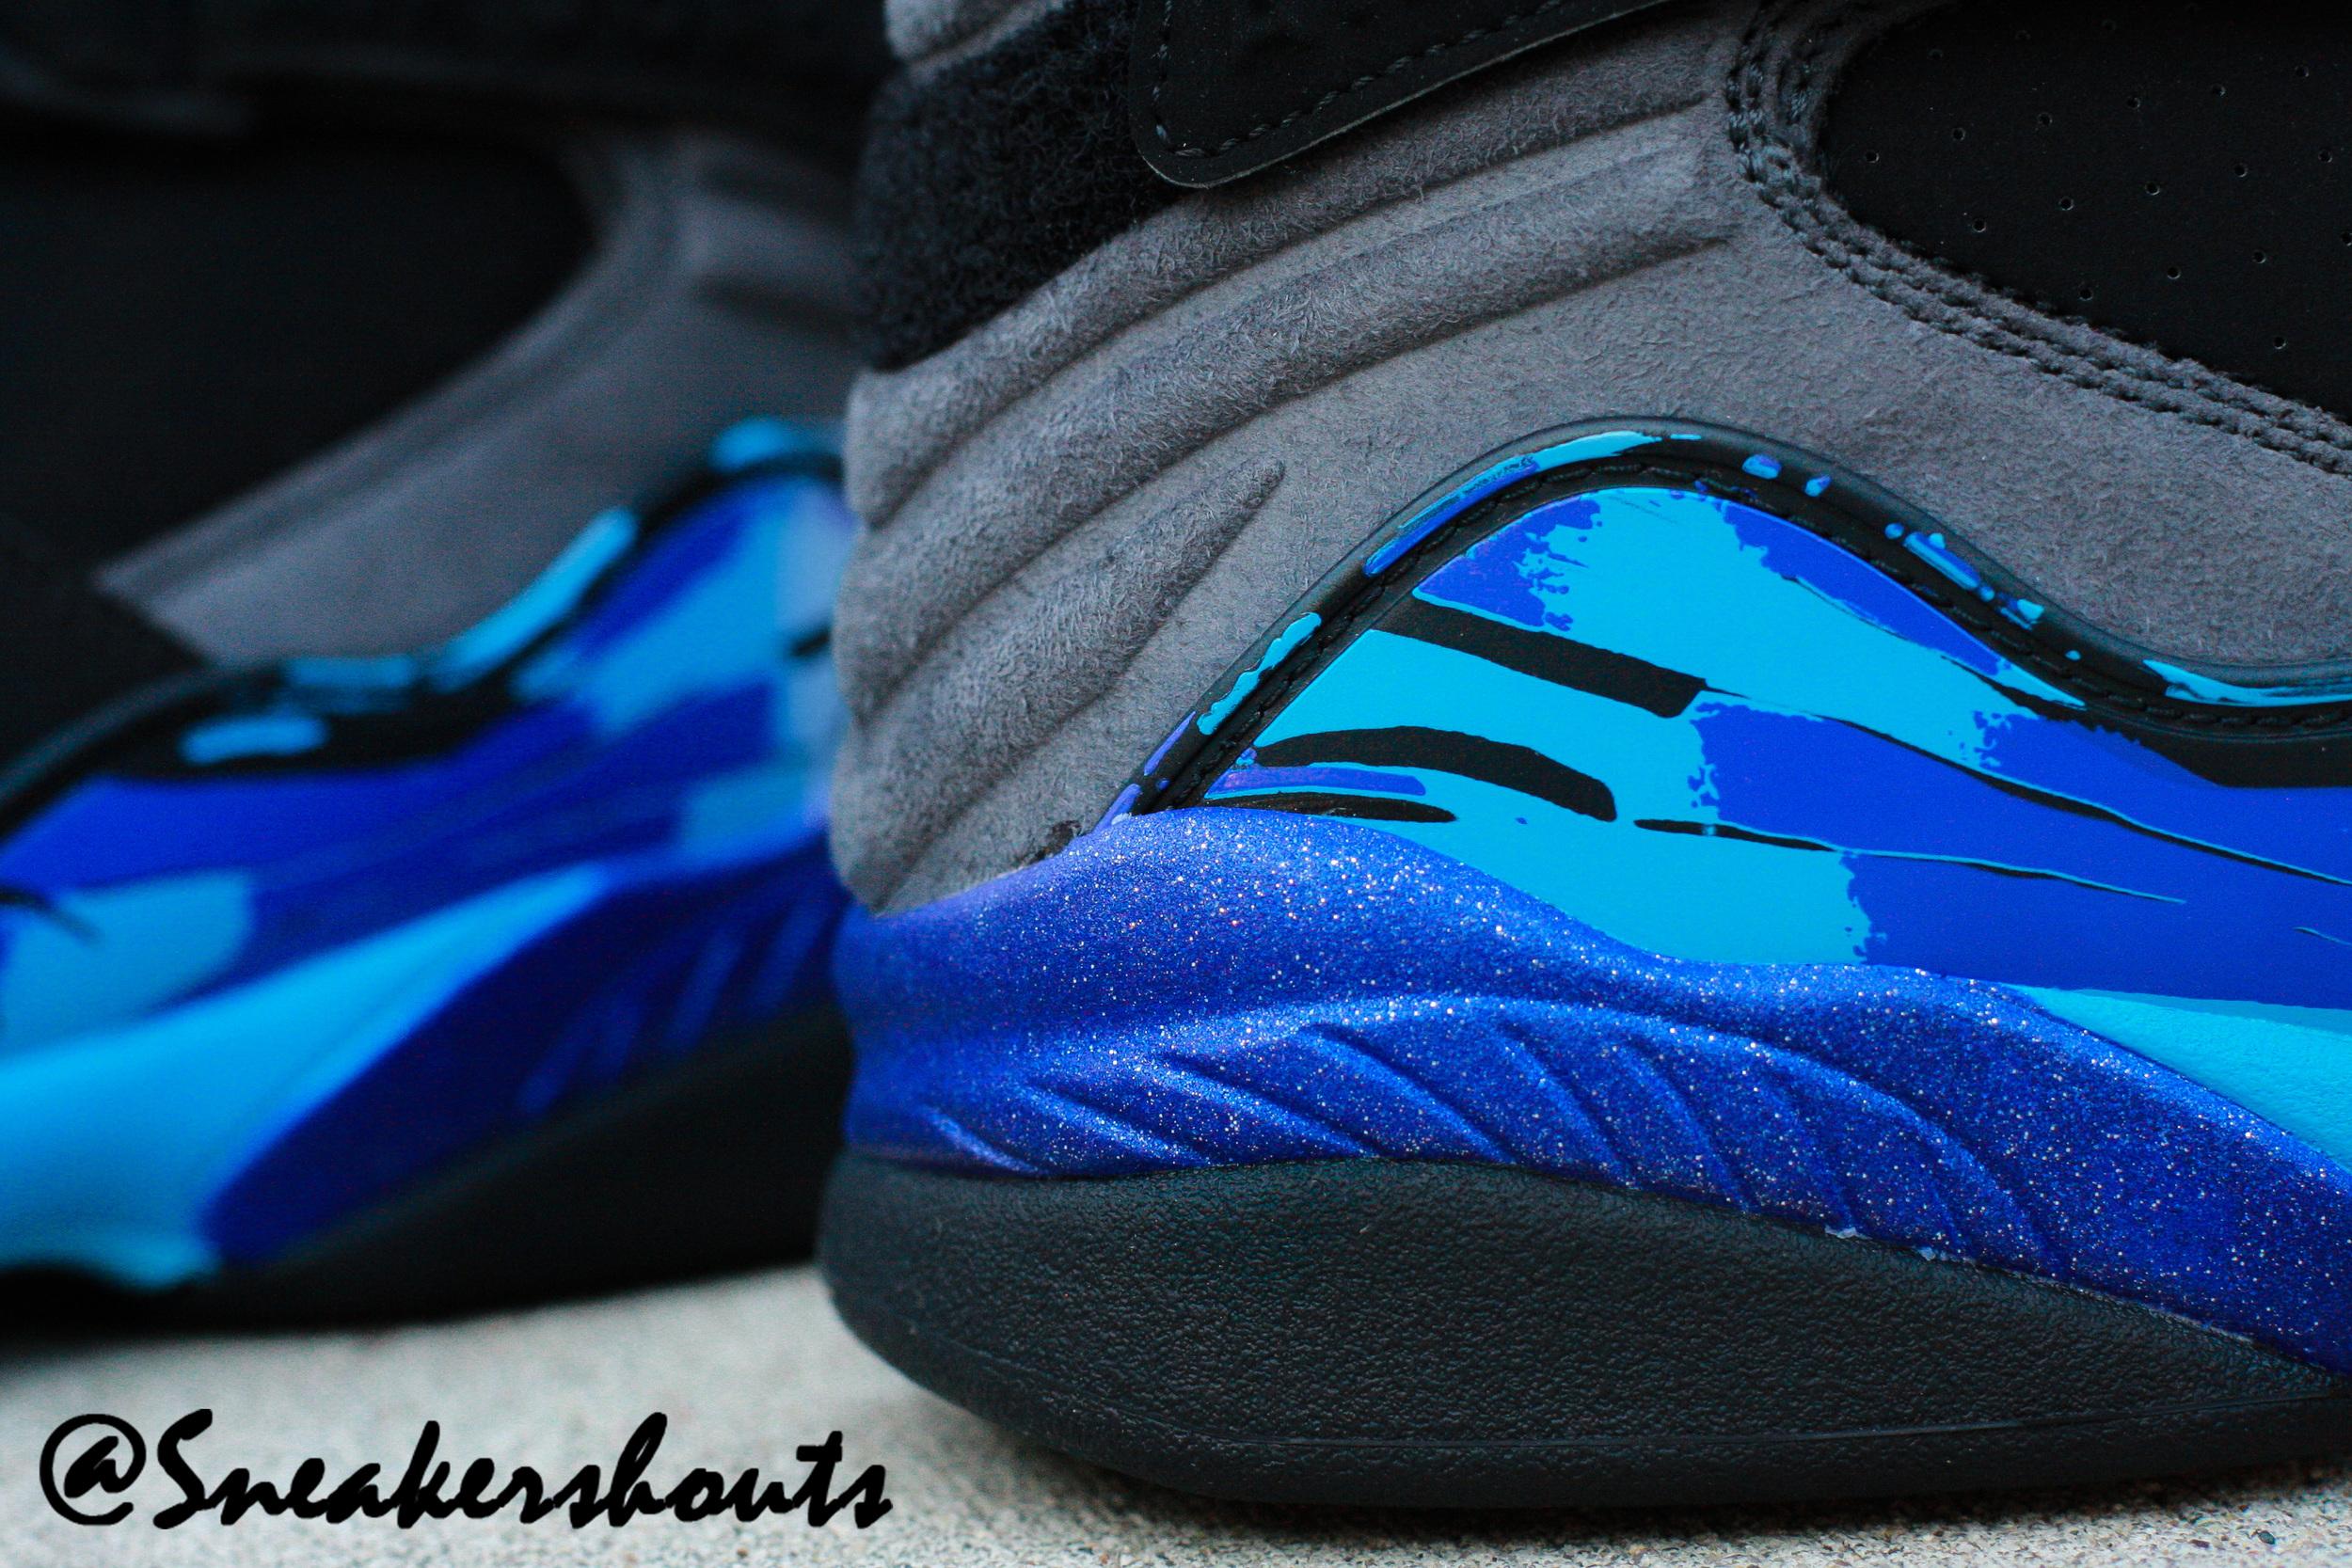 Air-Jordan-8-Aqua-Exclusive-3.jpg